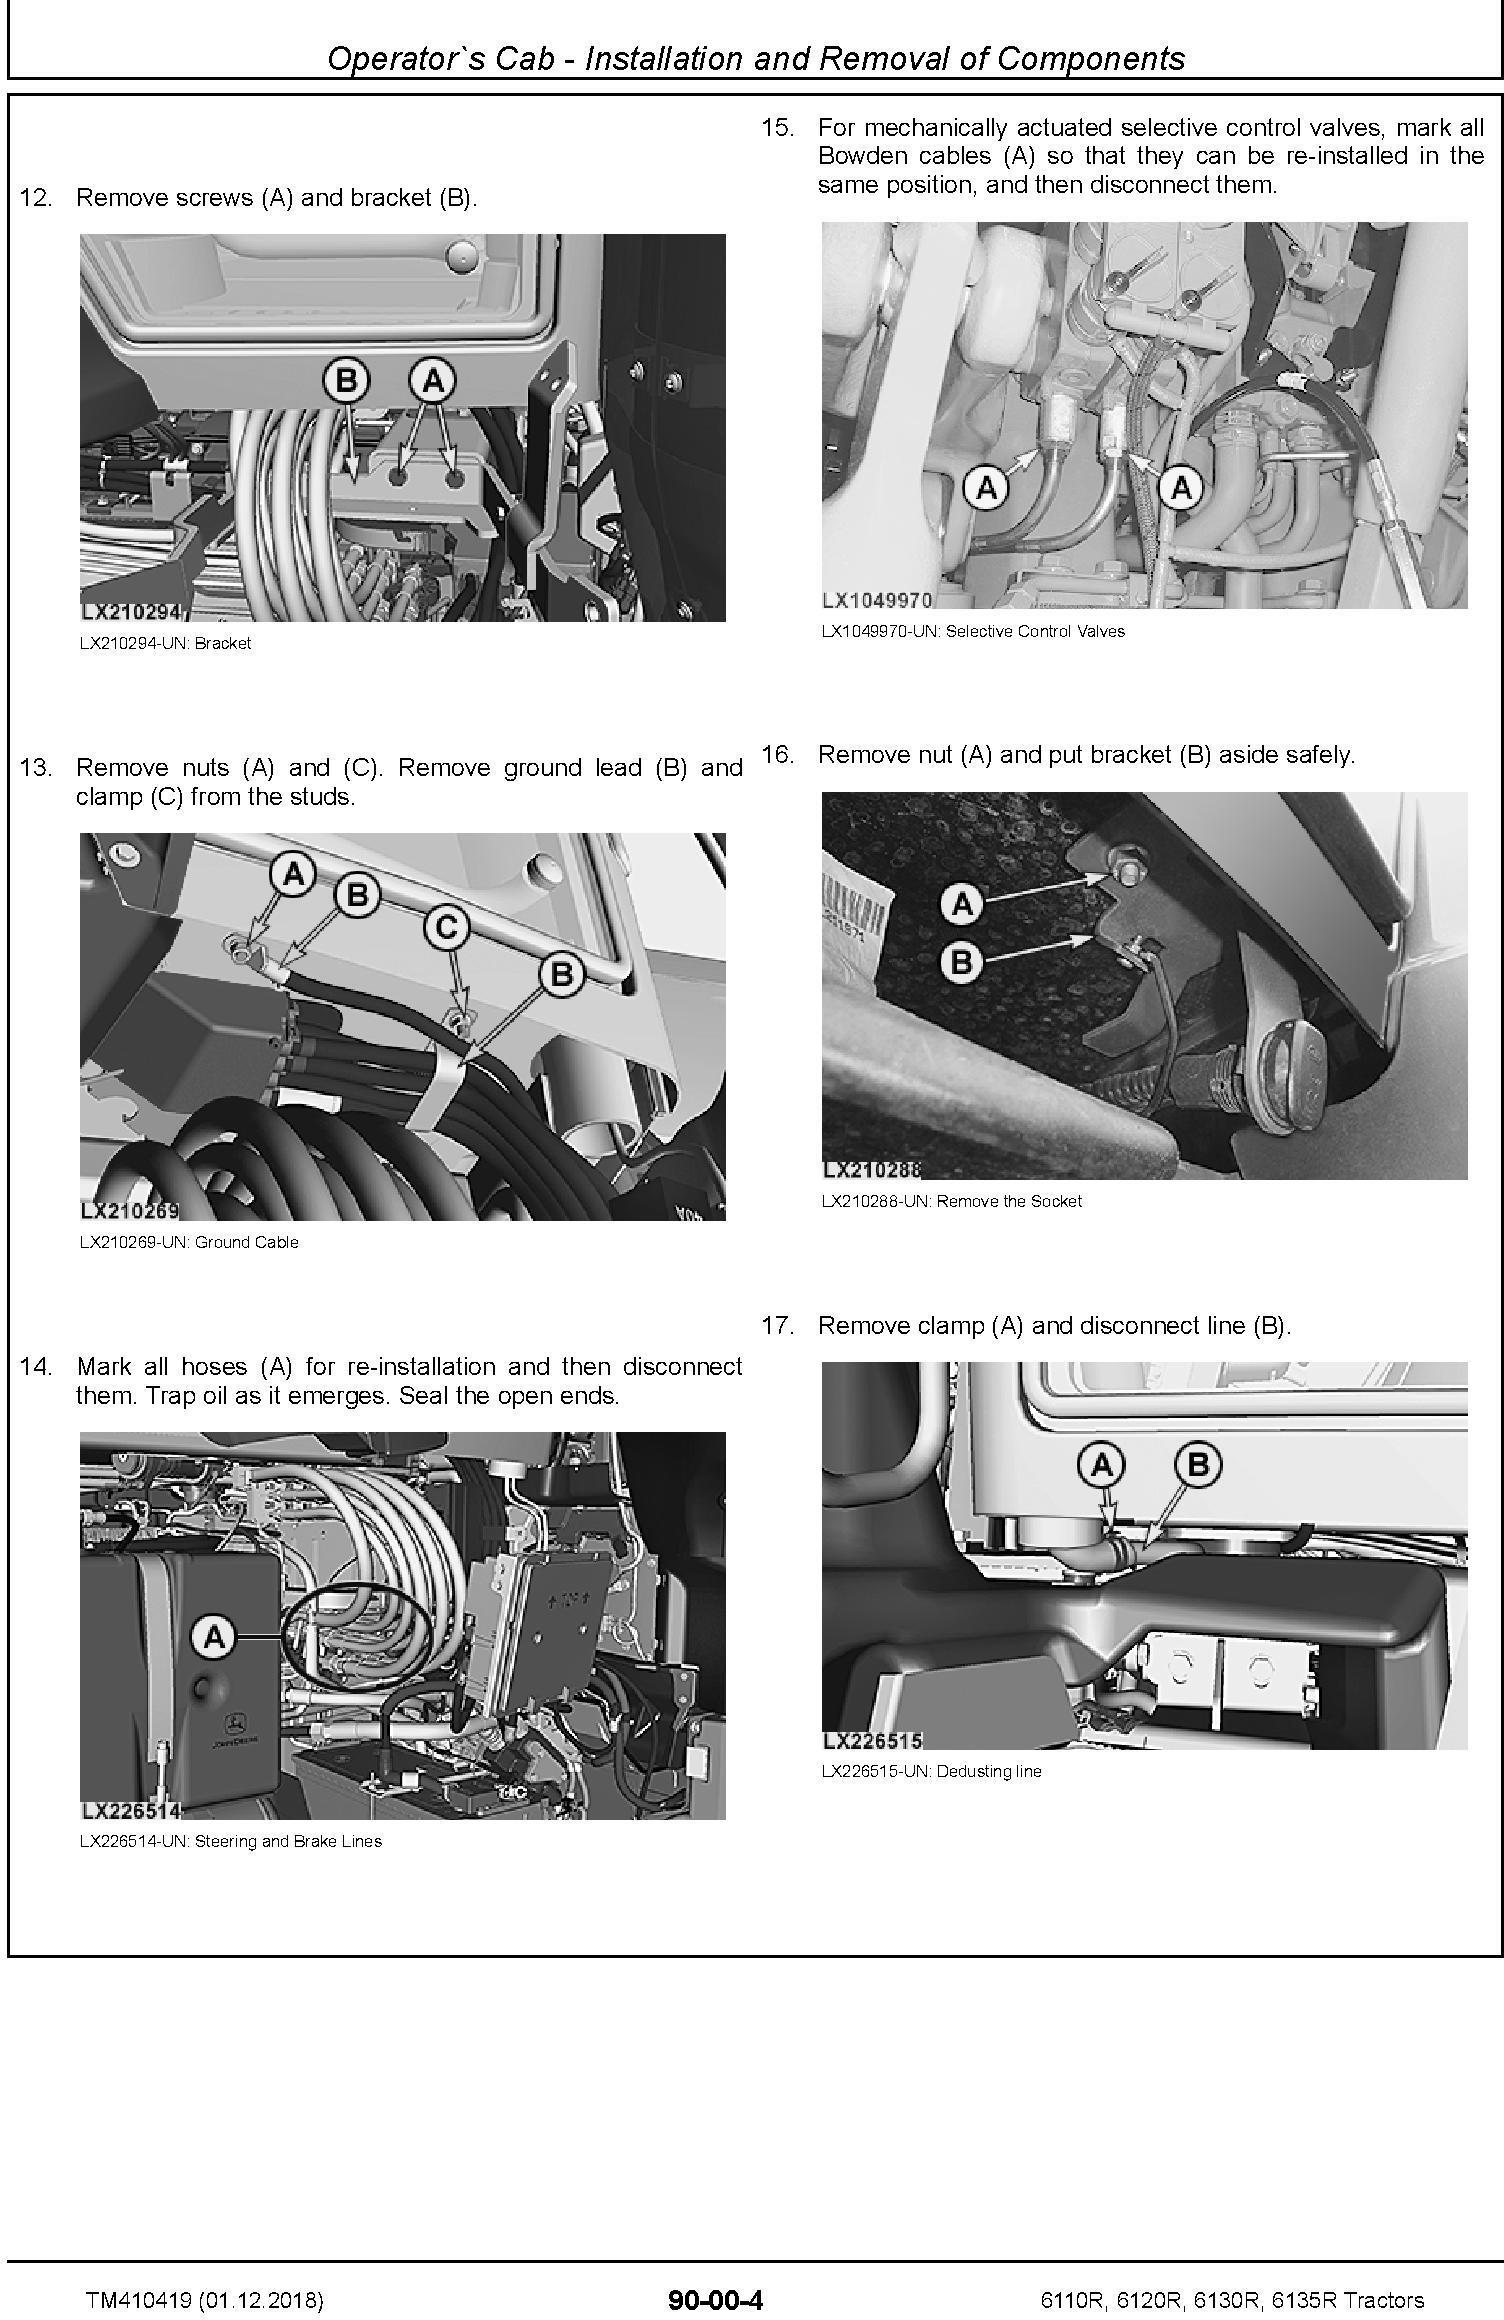 John Deere 6110R, 6120R, 6130R, 6135R Tractors (MY18) Service Repair Technical Manual (TM410419) - 3